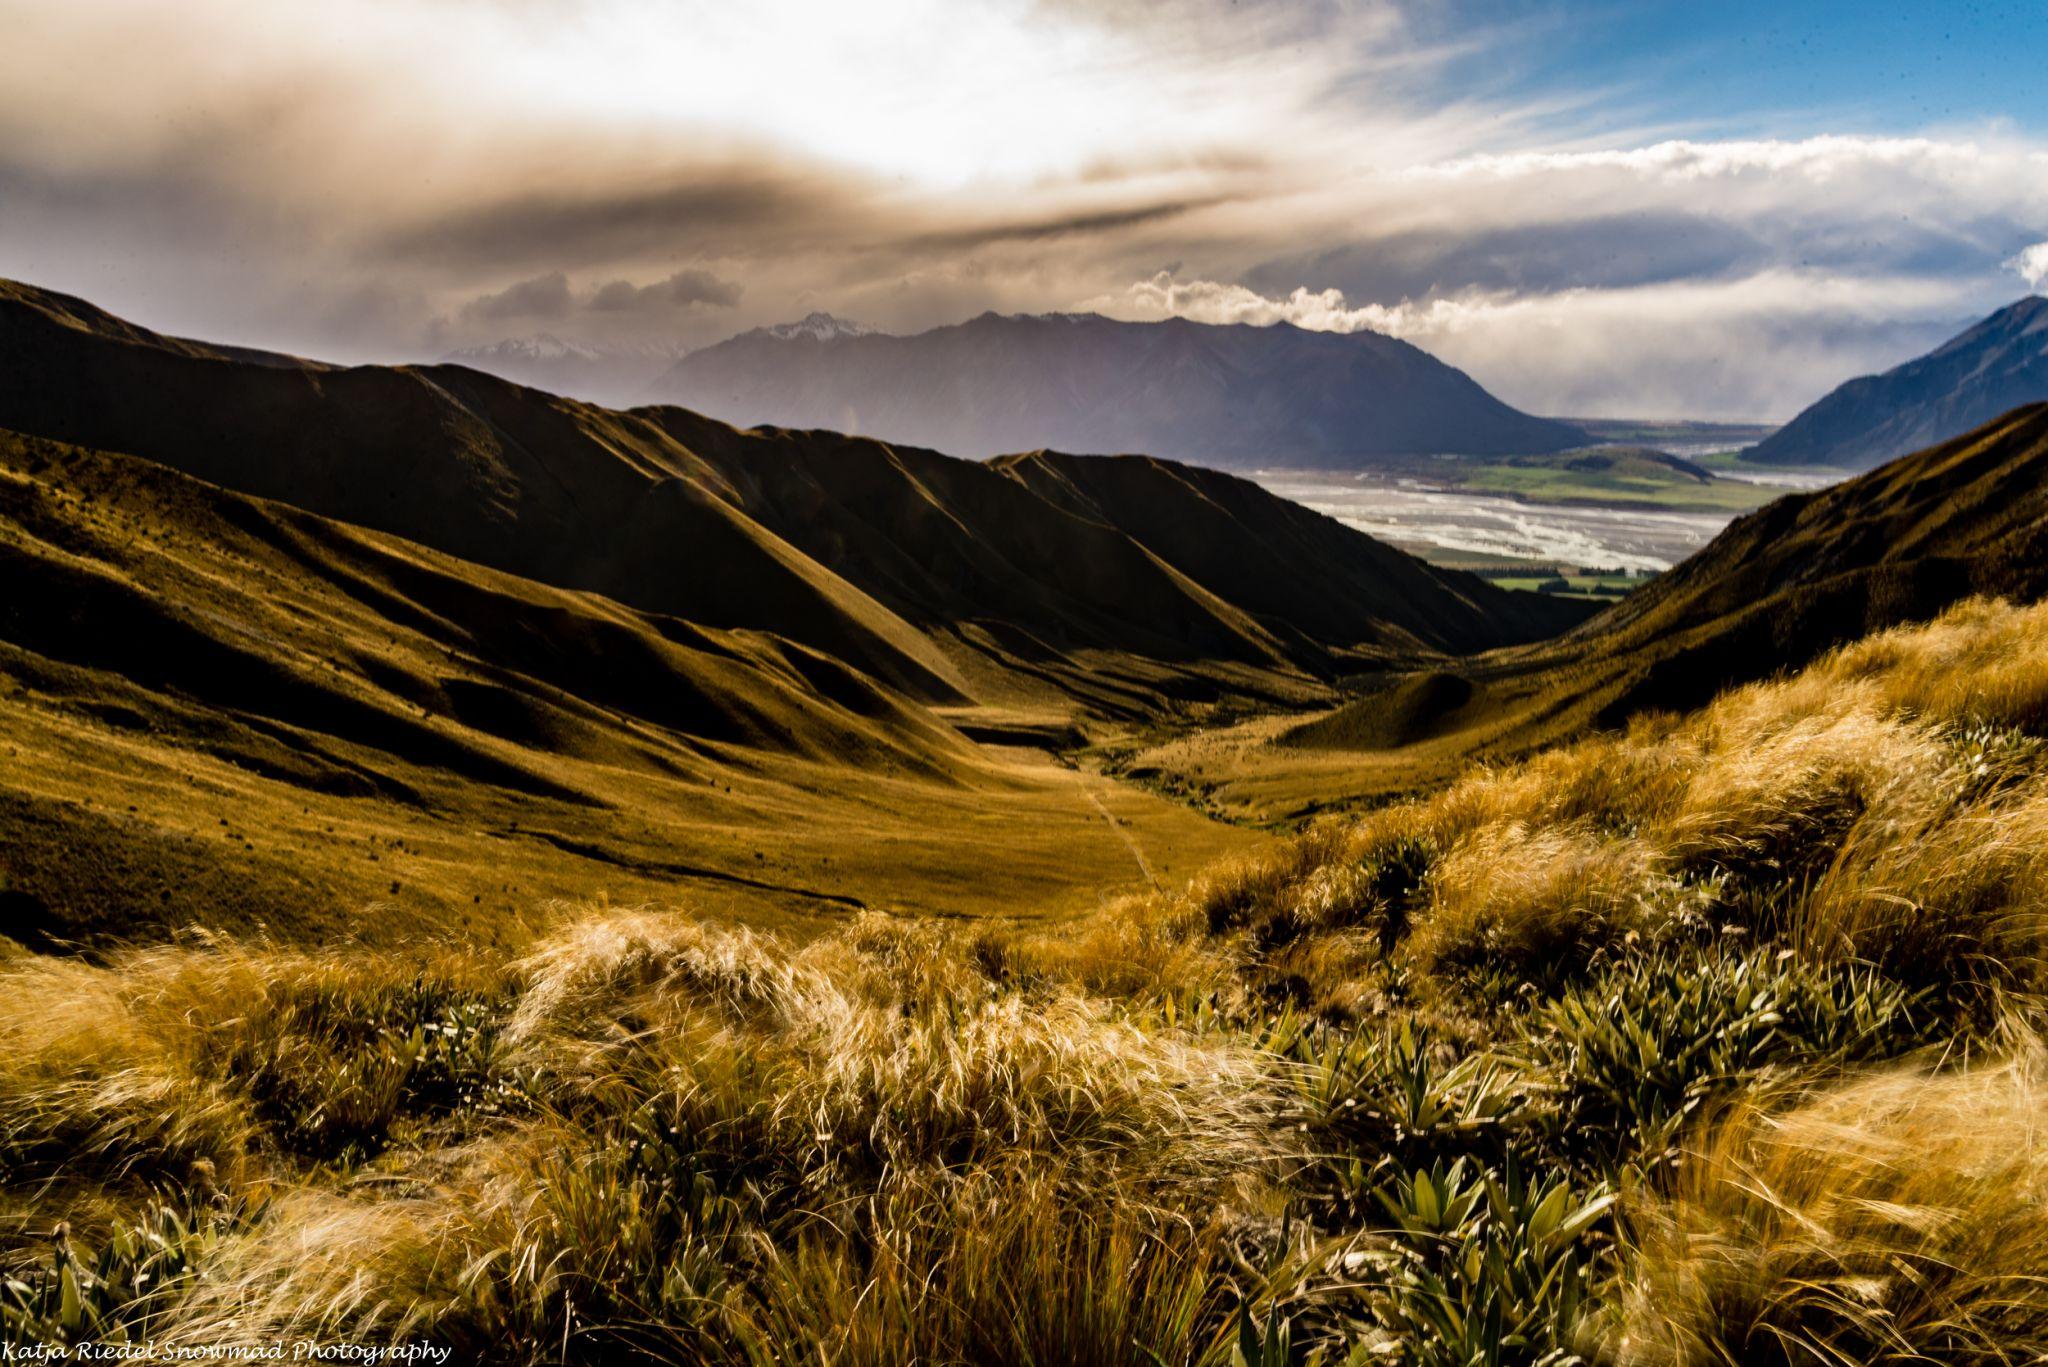 Turton Saddle, New Zealand, New Zealand